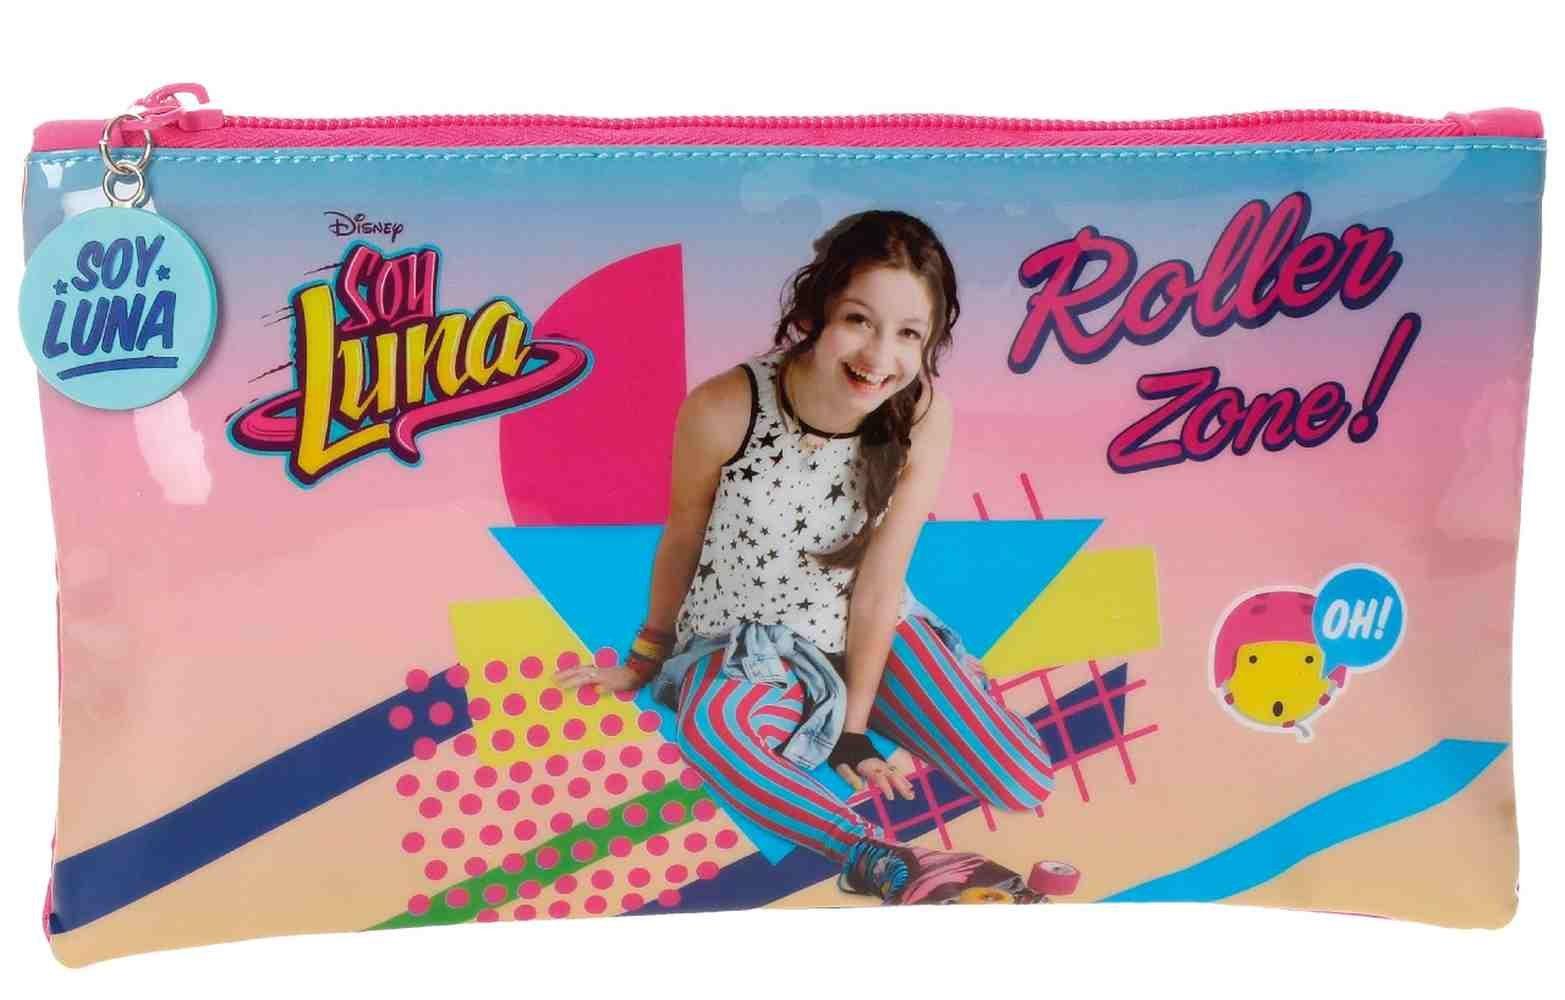 Portatodo Yo Soy Luna Roller Zone: Amazon.es: Juguetes y juegos